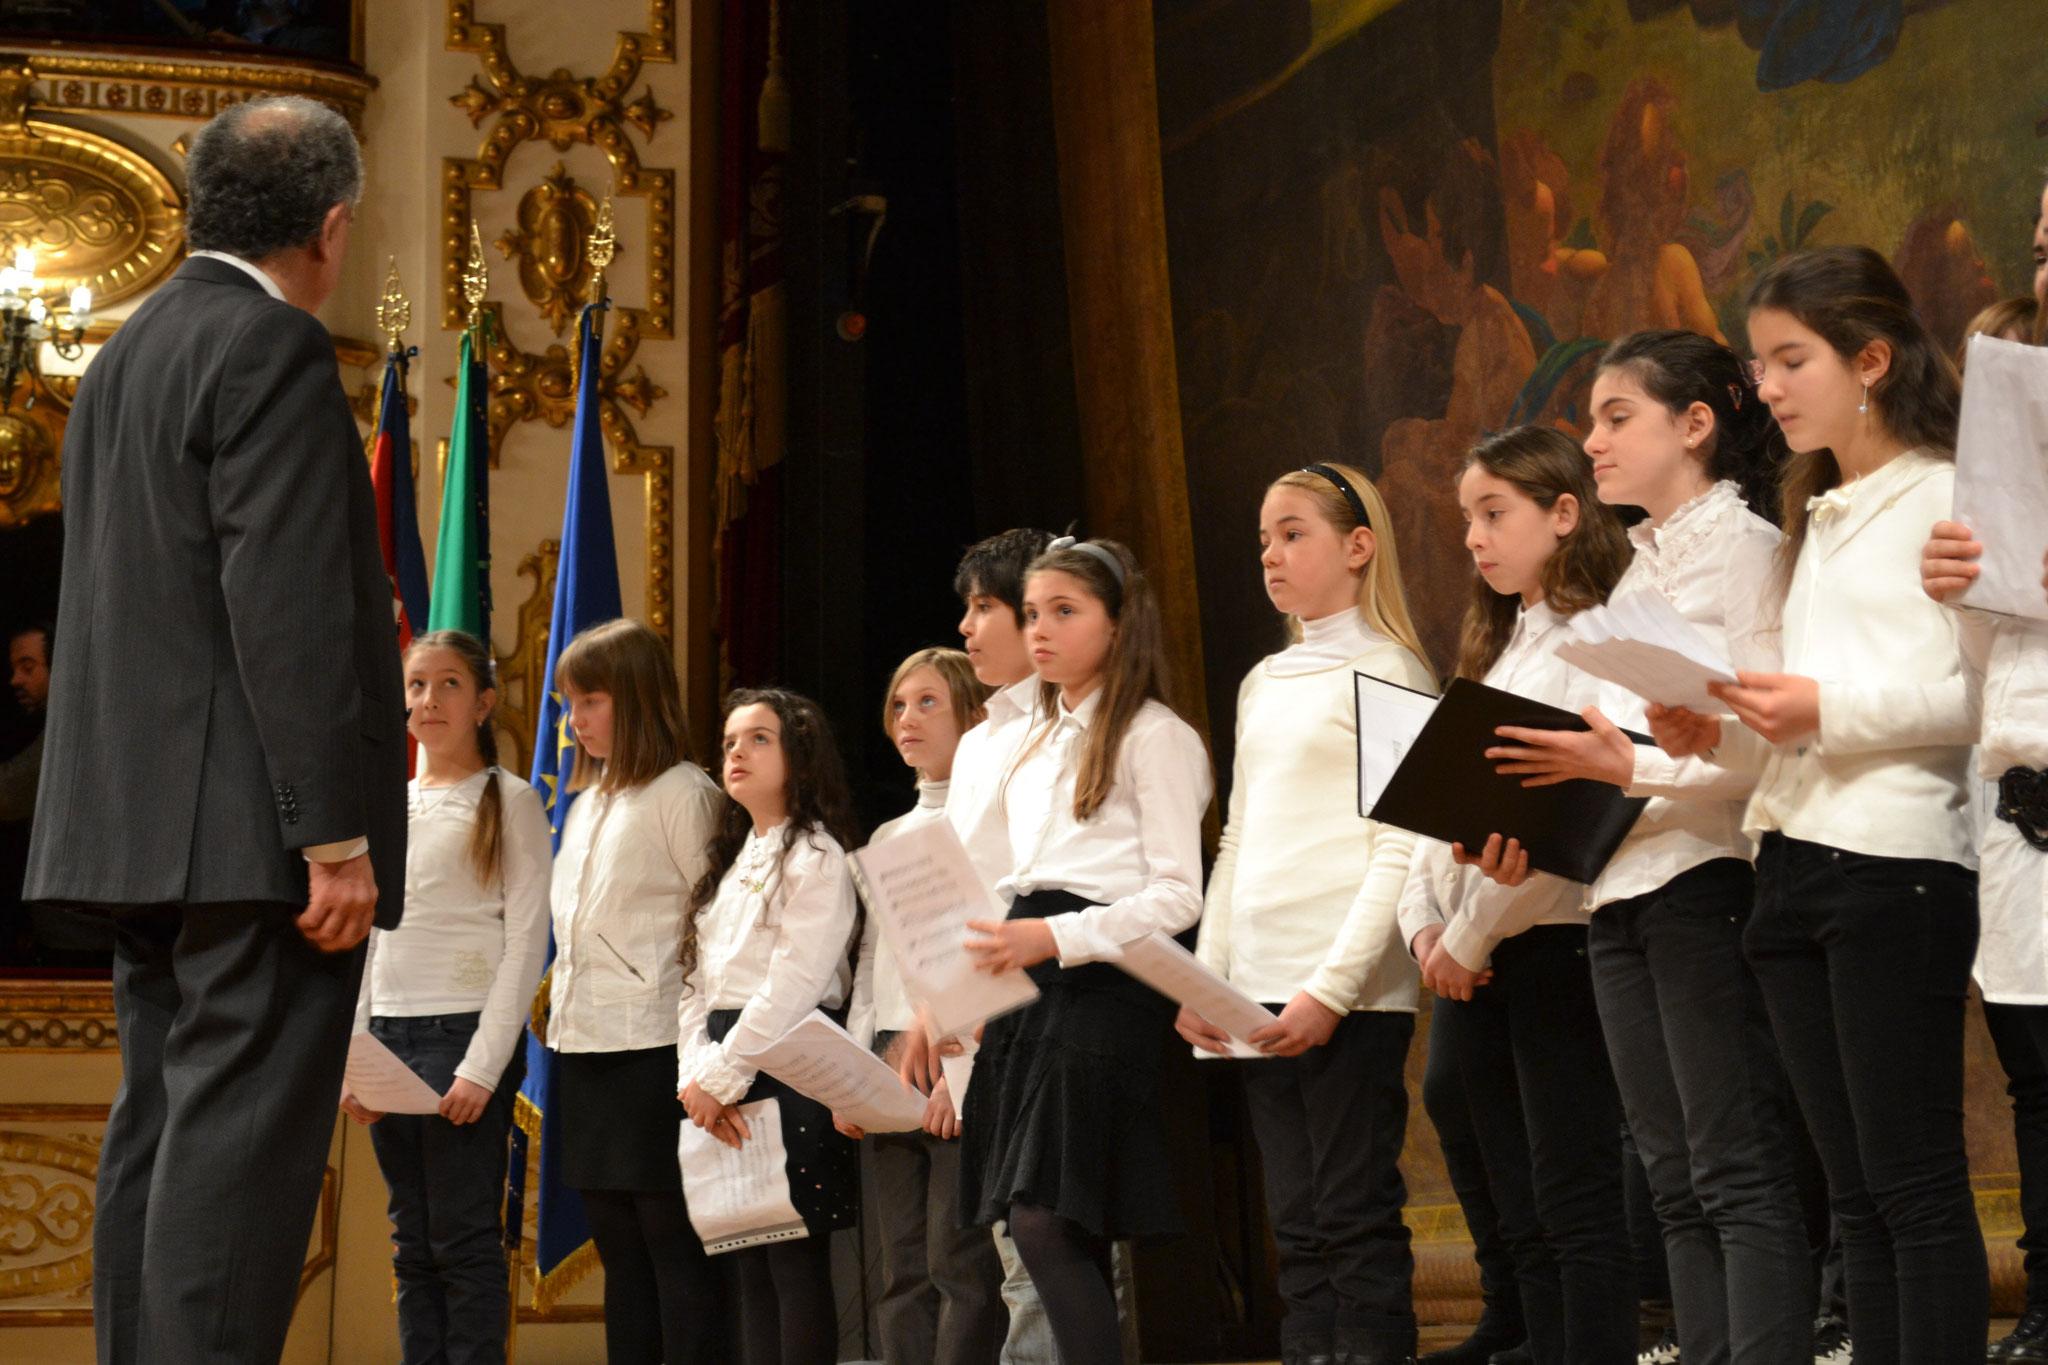 In occasione del 7 gennaio 2011 al Valli con il Presidente Napolitano